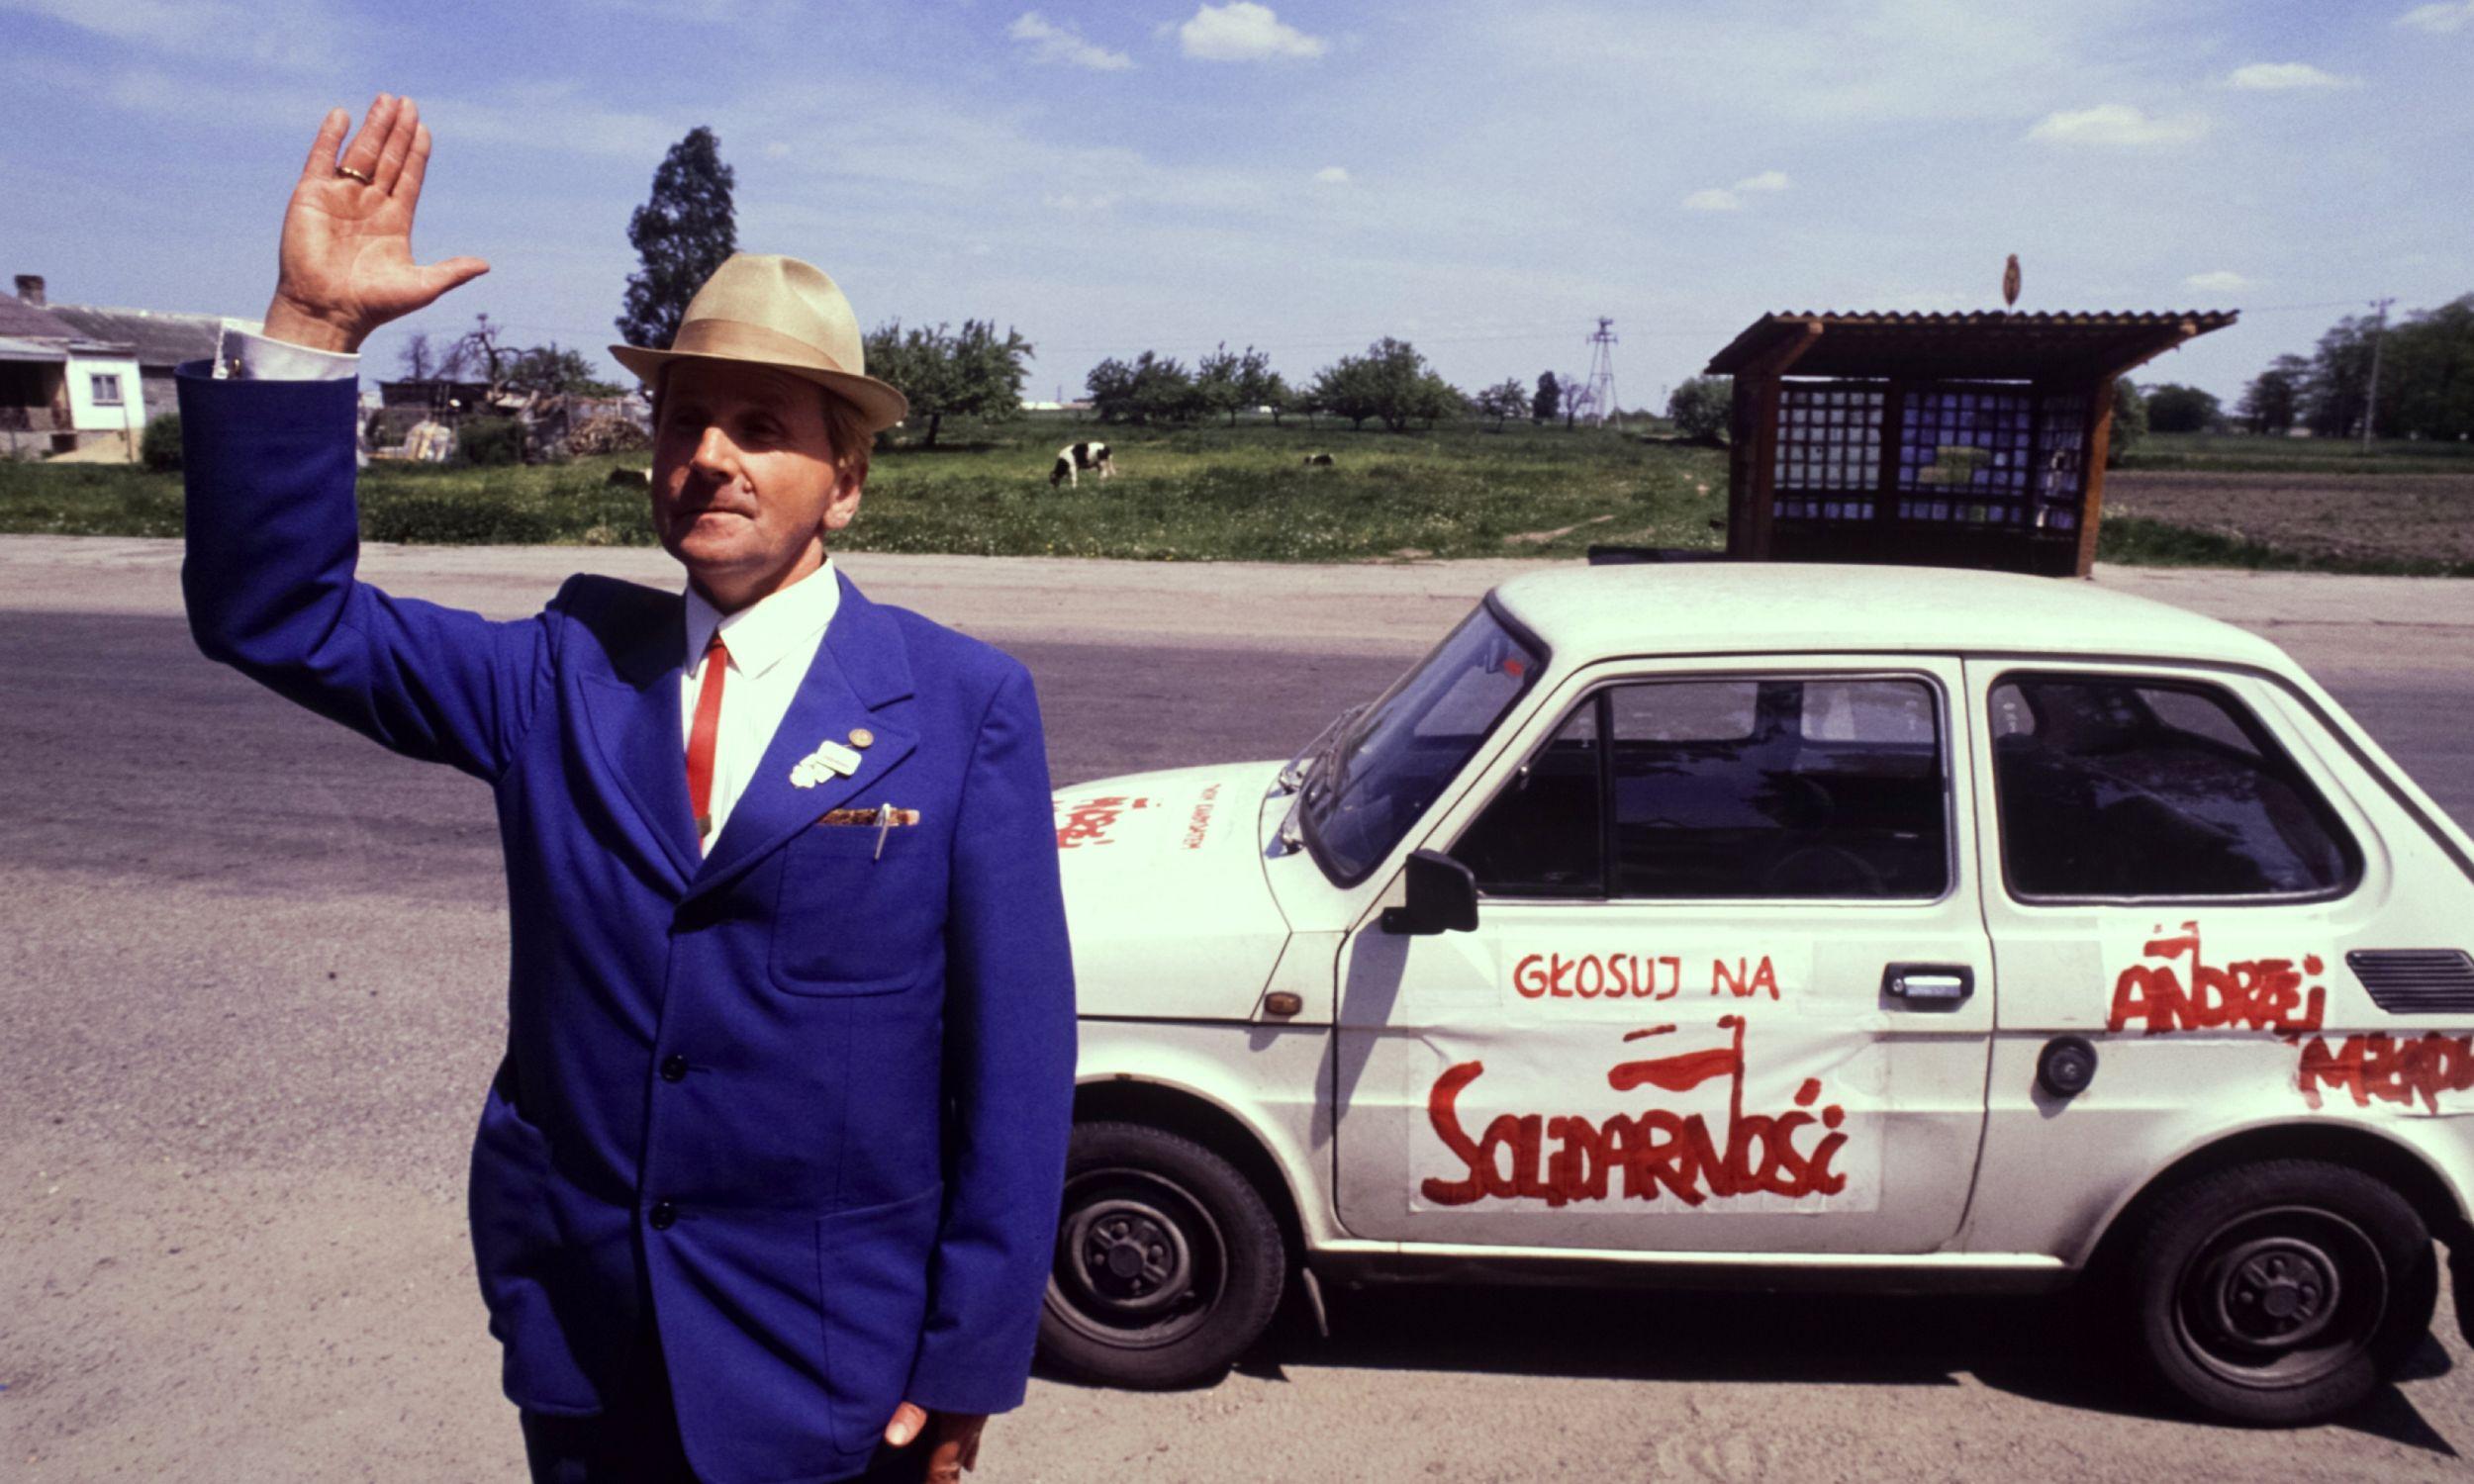 Rolnik - działacz Solidarności podczas kampanii  do Sejmu i Senatu w 1989 r. Zdjęcie zrobiono 21 maja.  Fot. Georges MERILLON / Gamma-Rapho via Getty Images